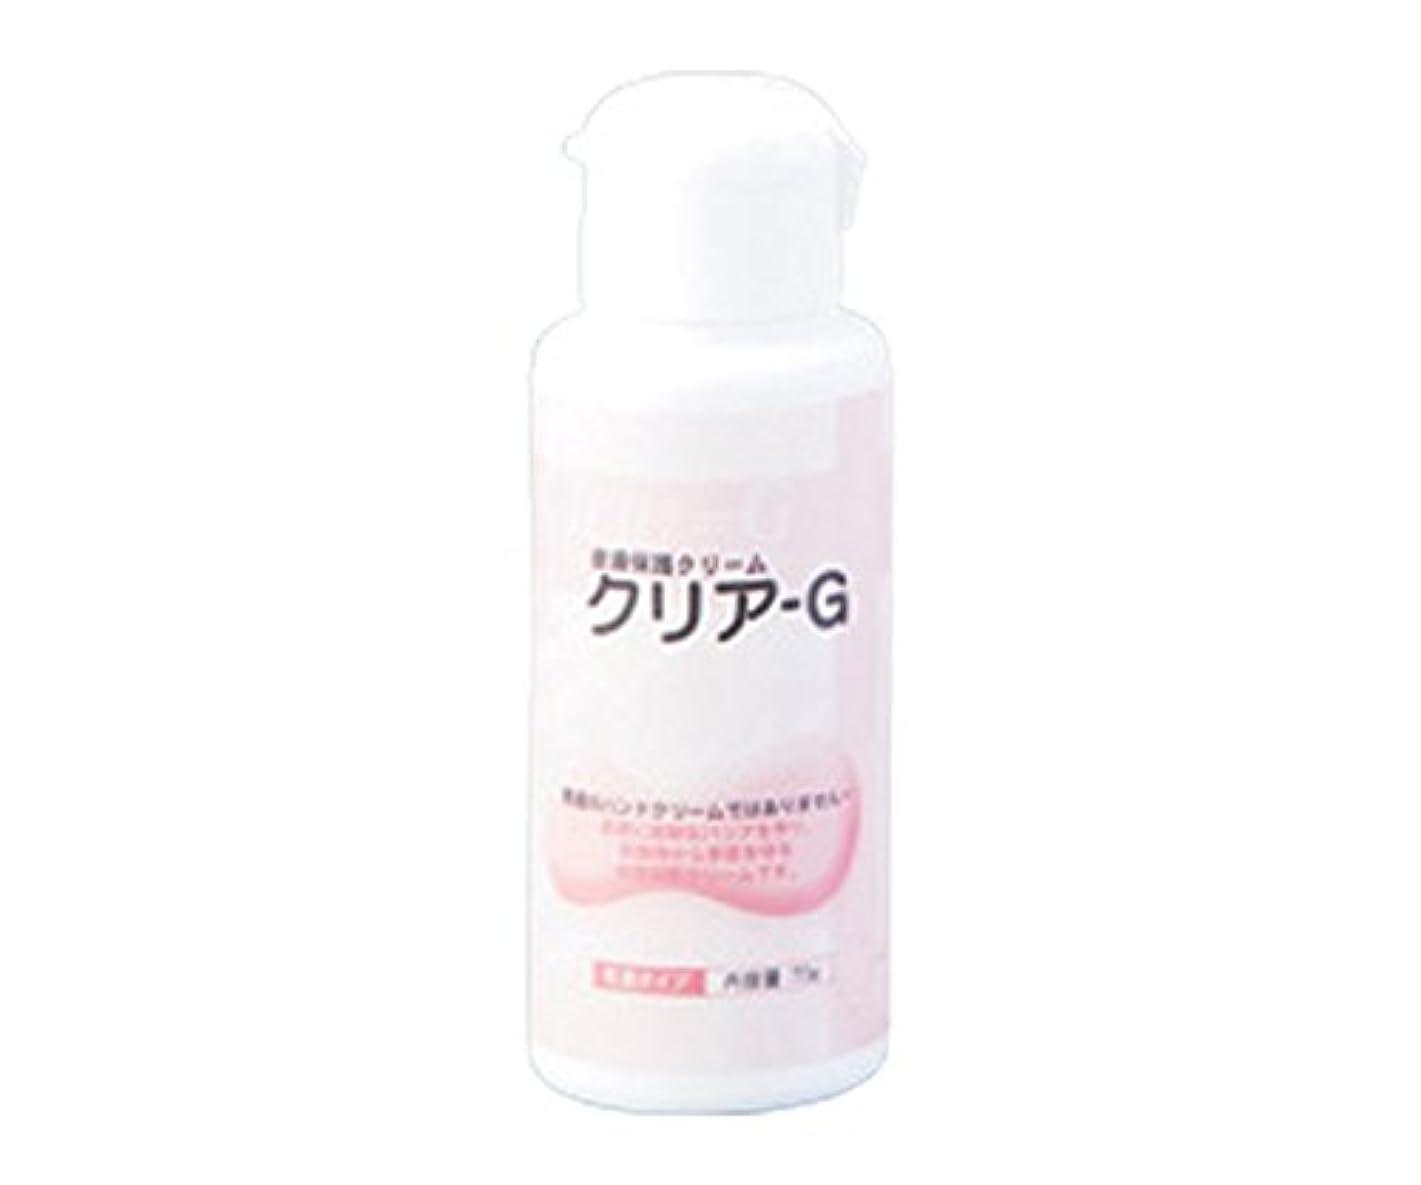 幾分穏やかなプロフェッショナル皮膚保護クリーム(クリア-G) 70g